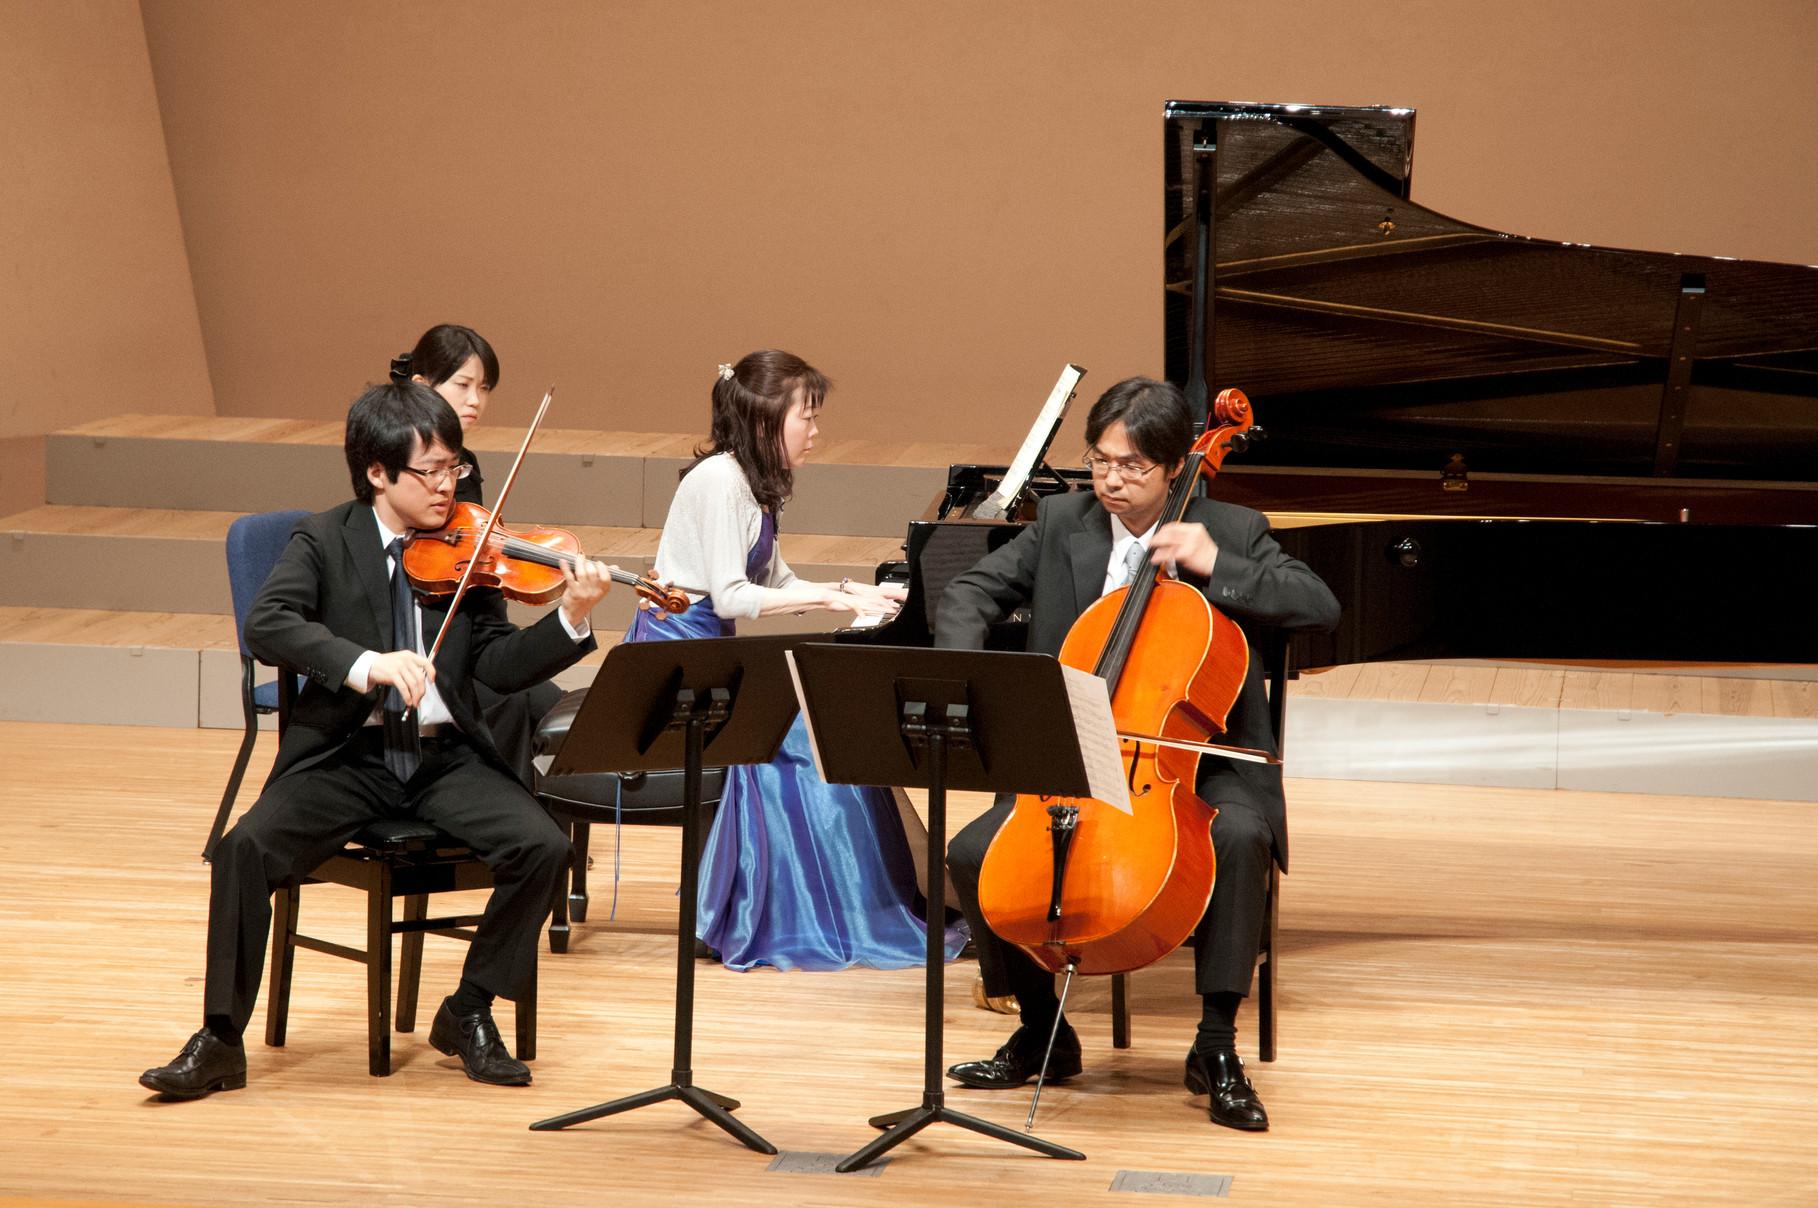 講師と上級生によるドビュッシーピアノトリオ